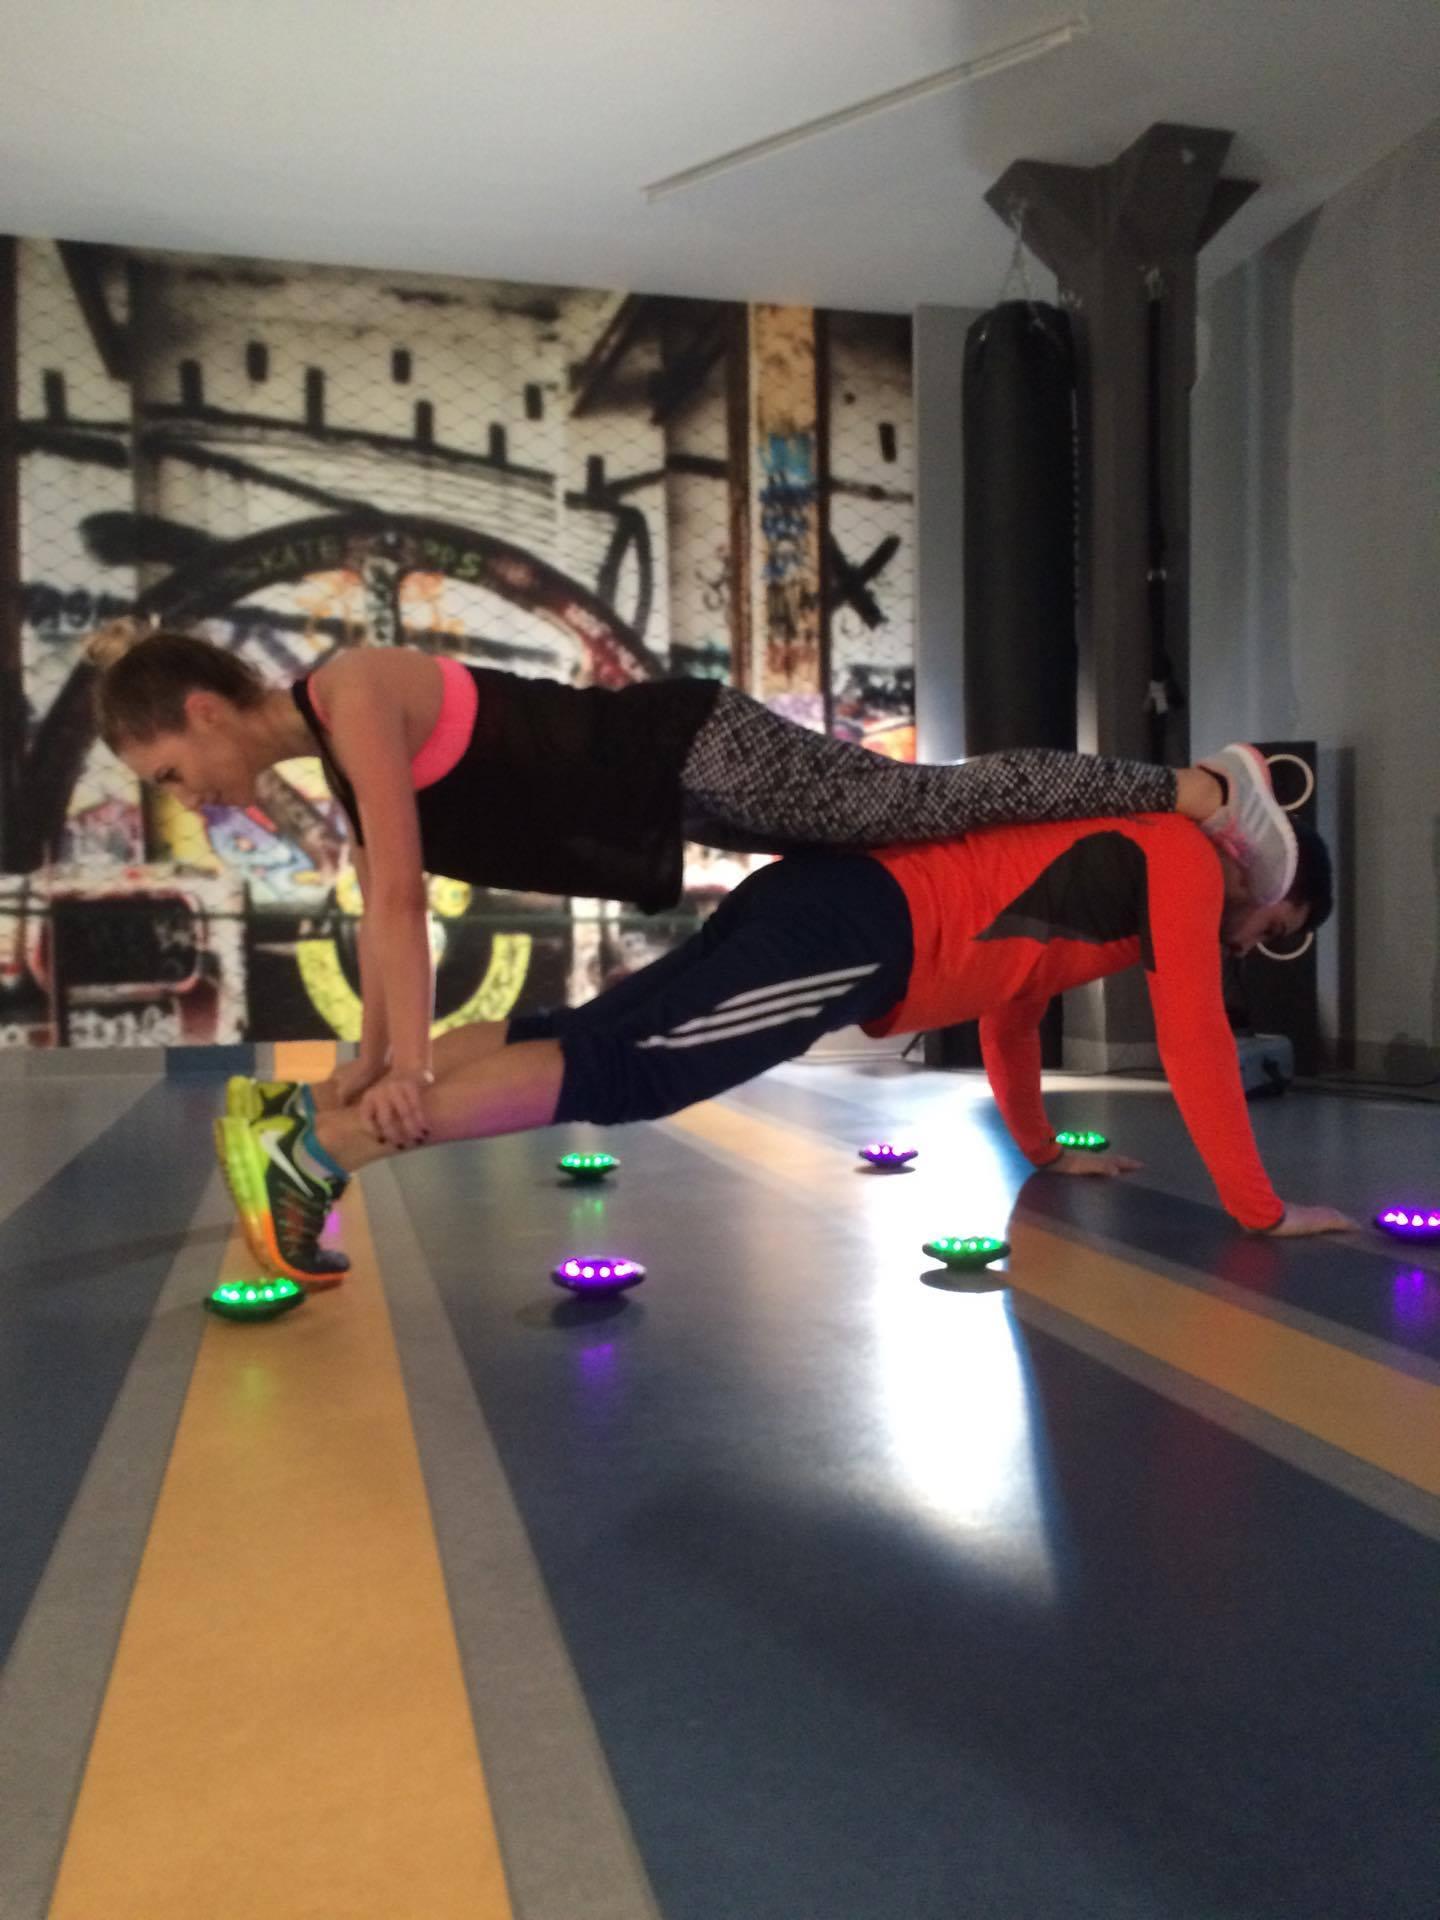 revvolution-fitlight-trainer